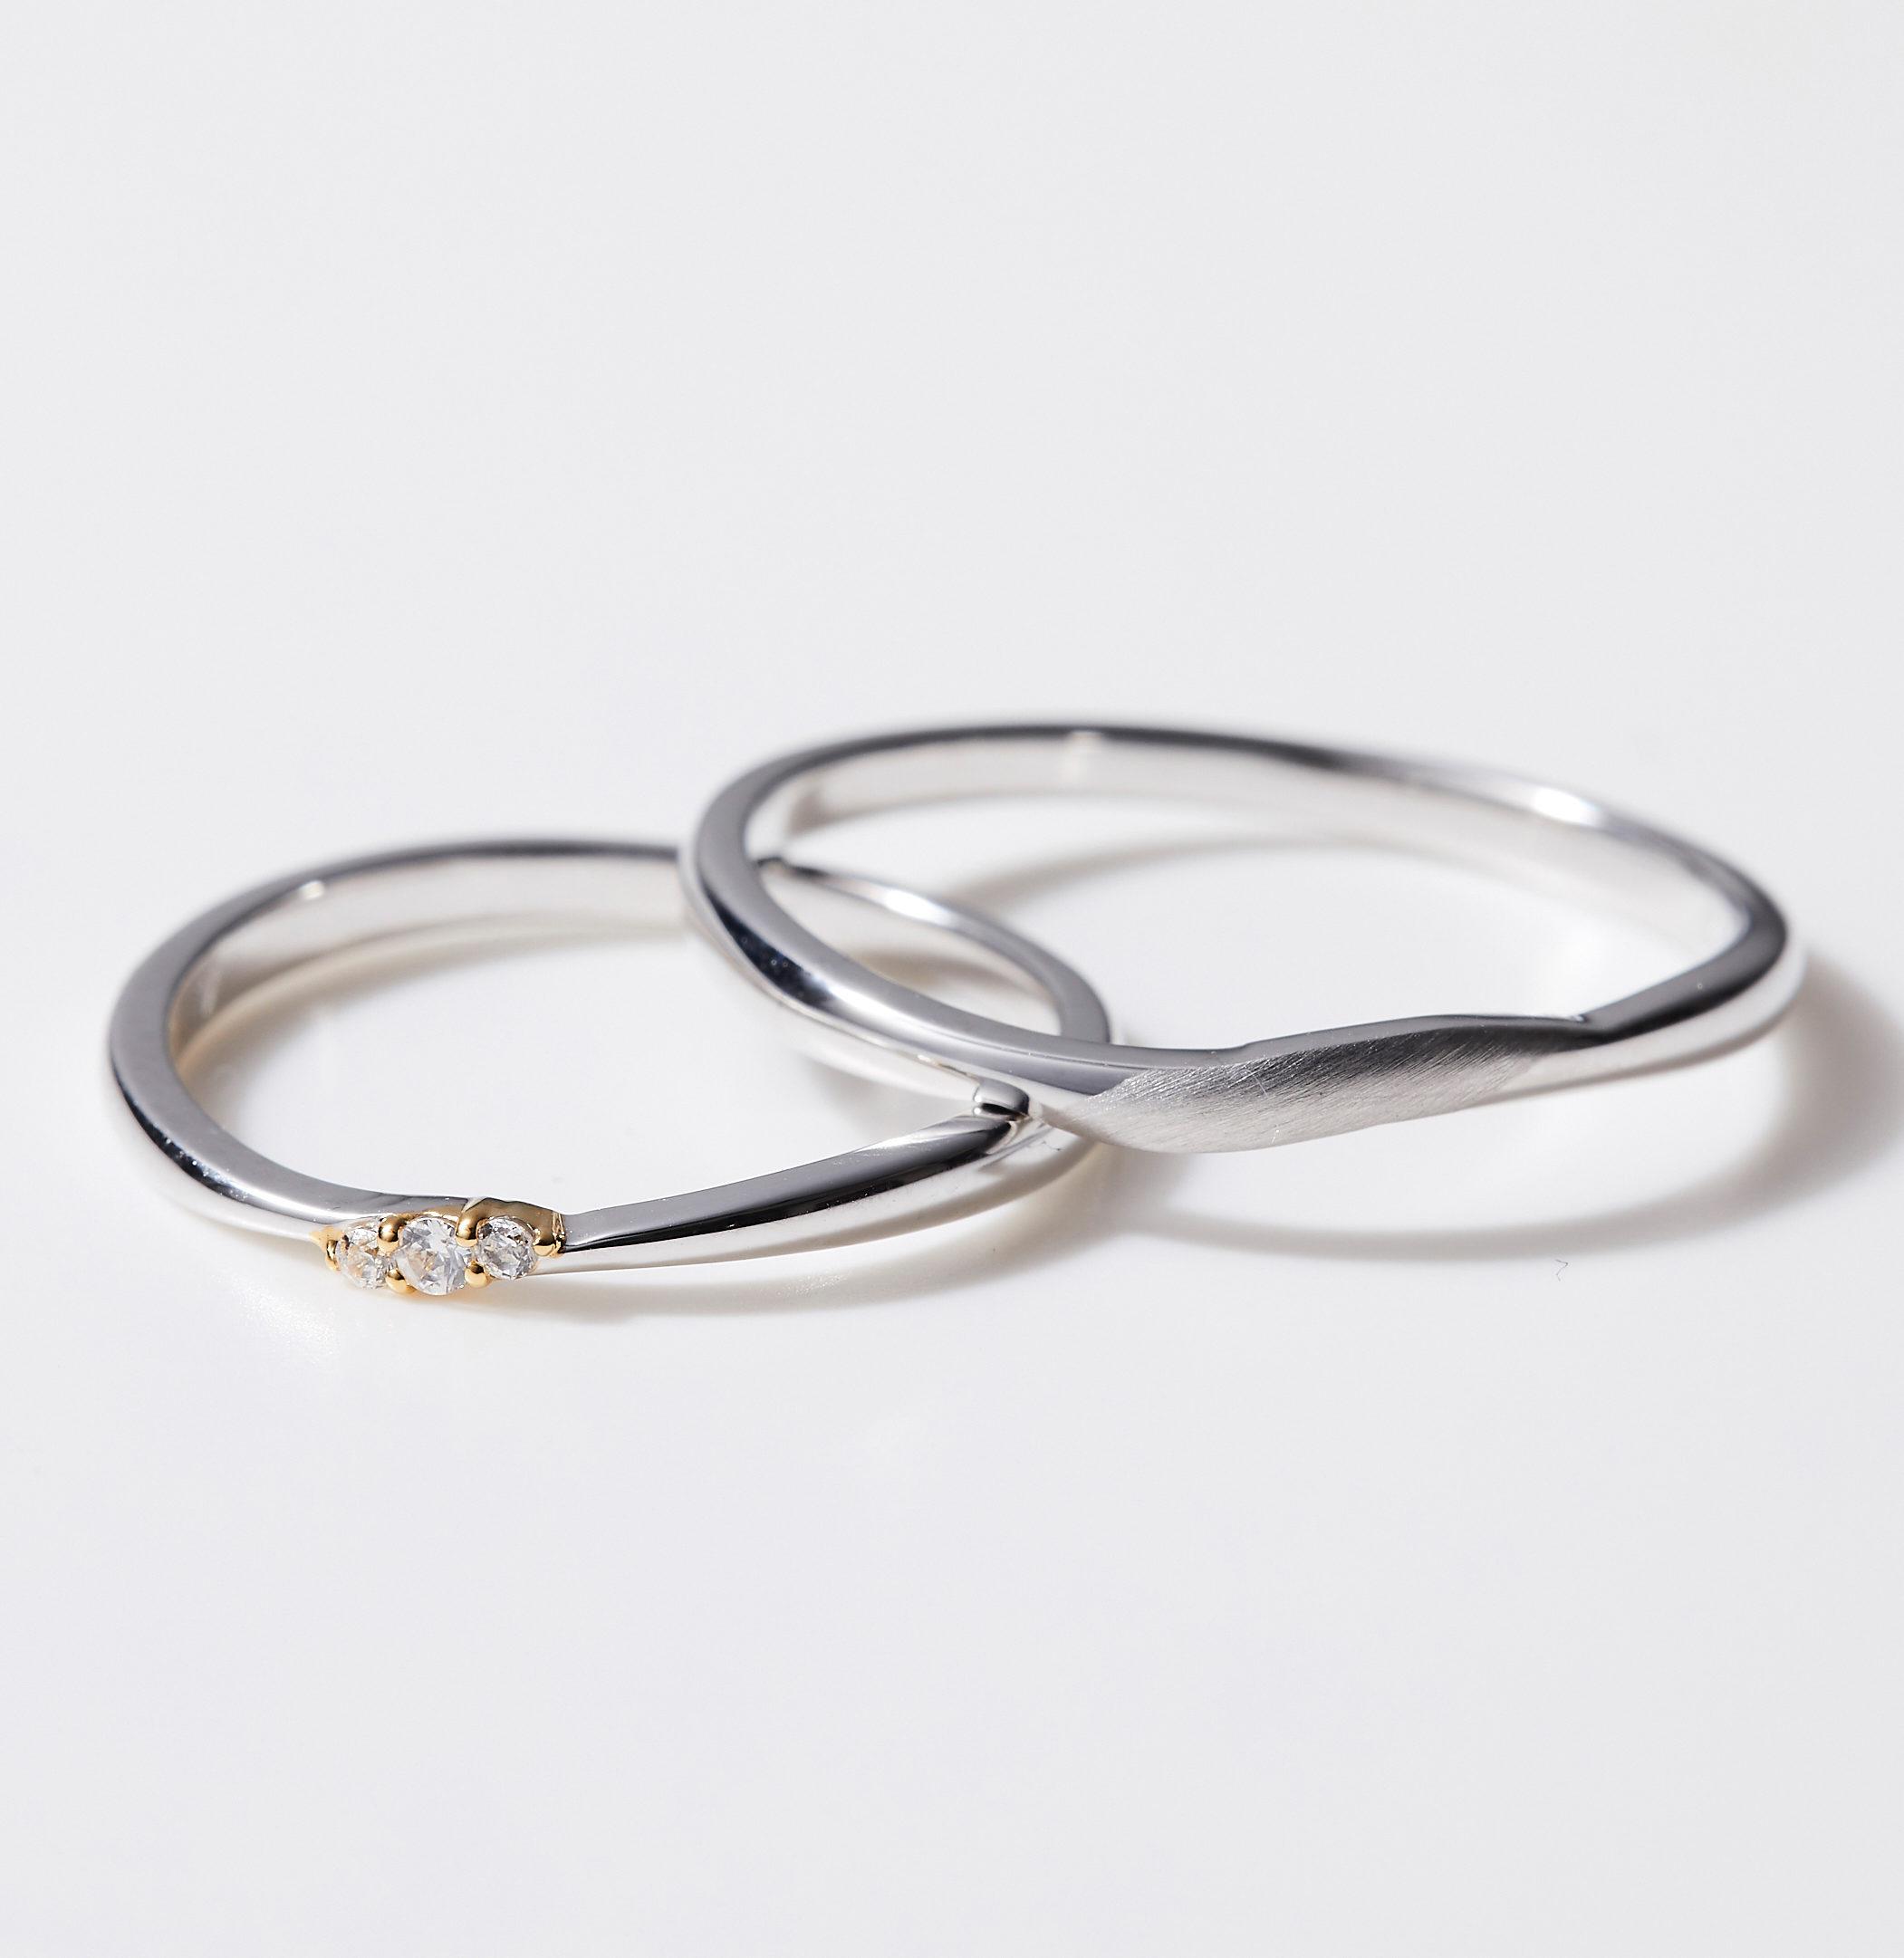 シンプル 結婚指輪のMJS-12・MJS-14